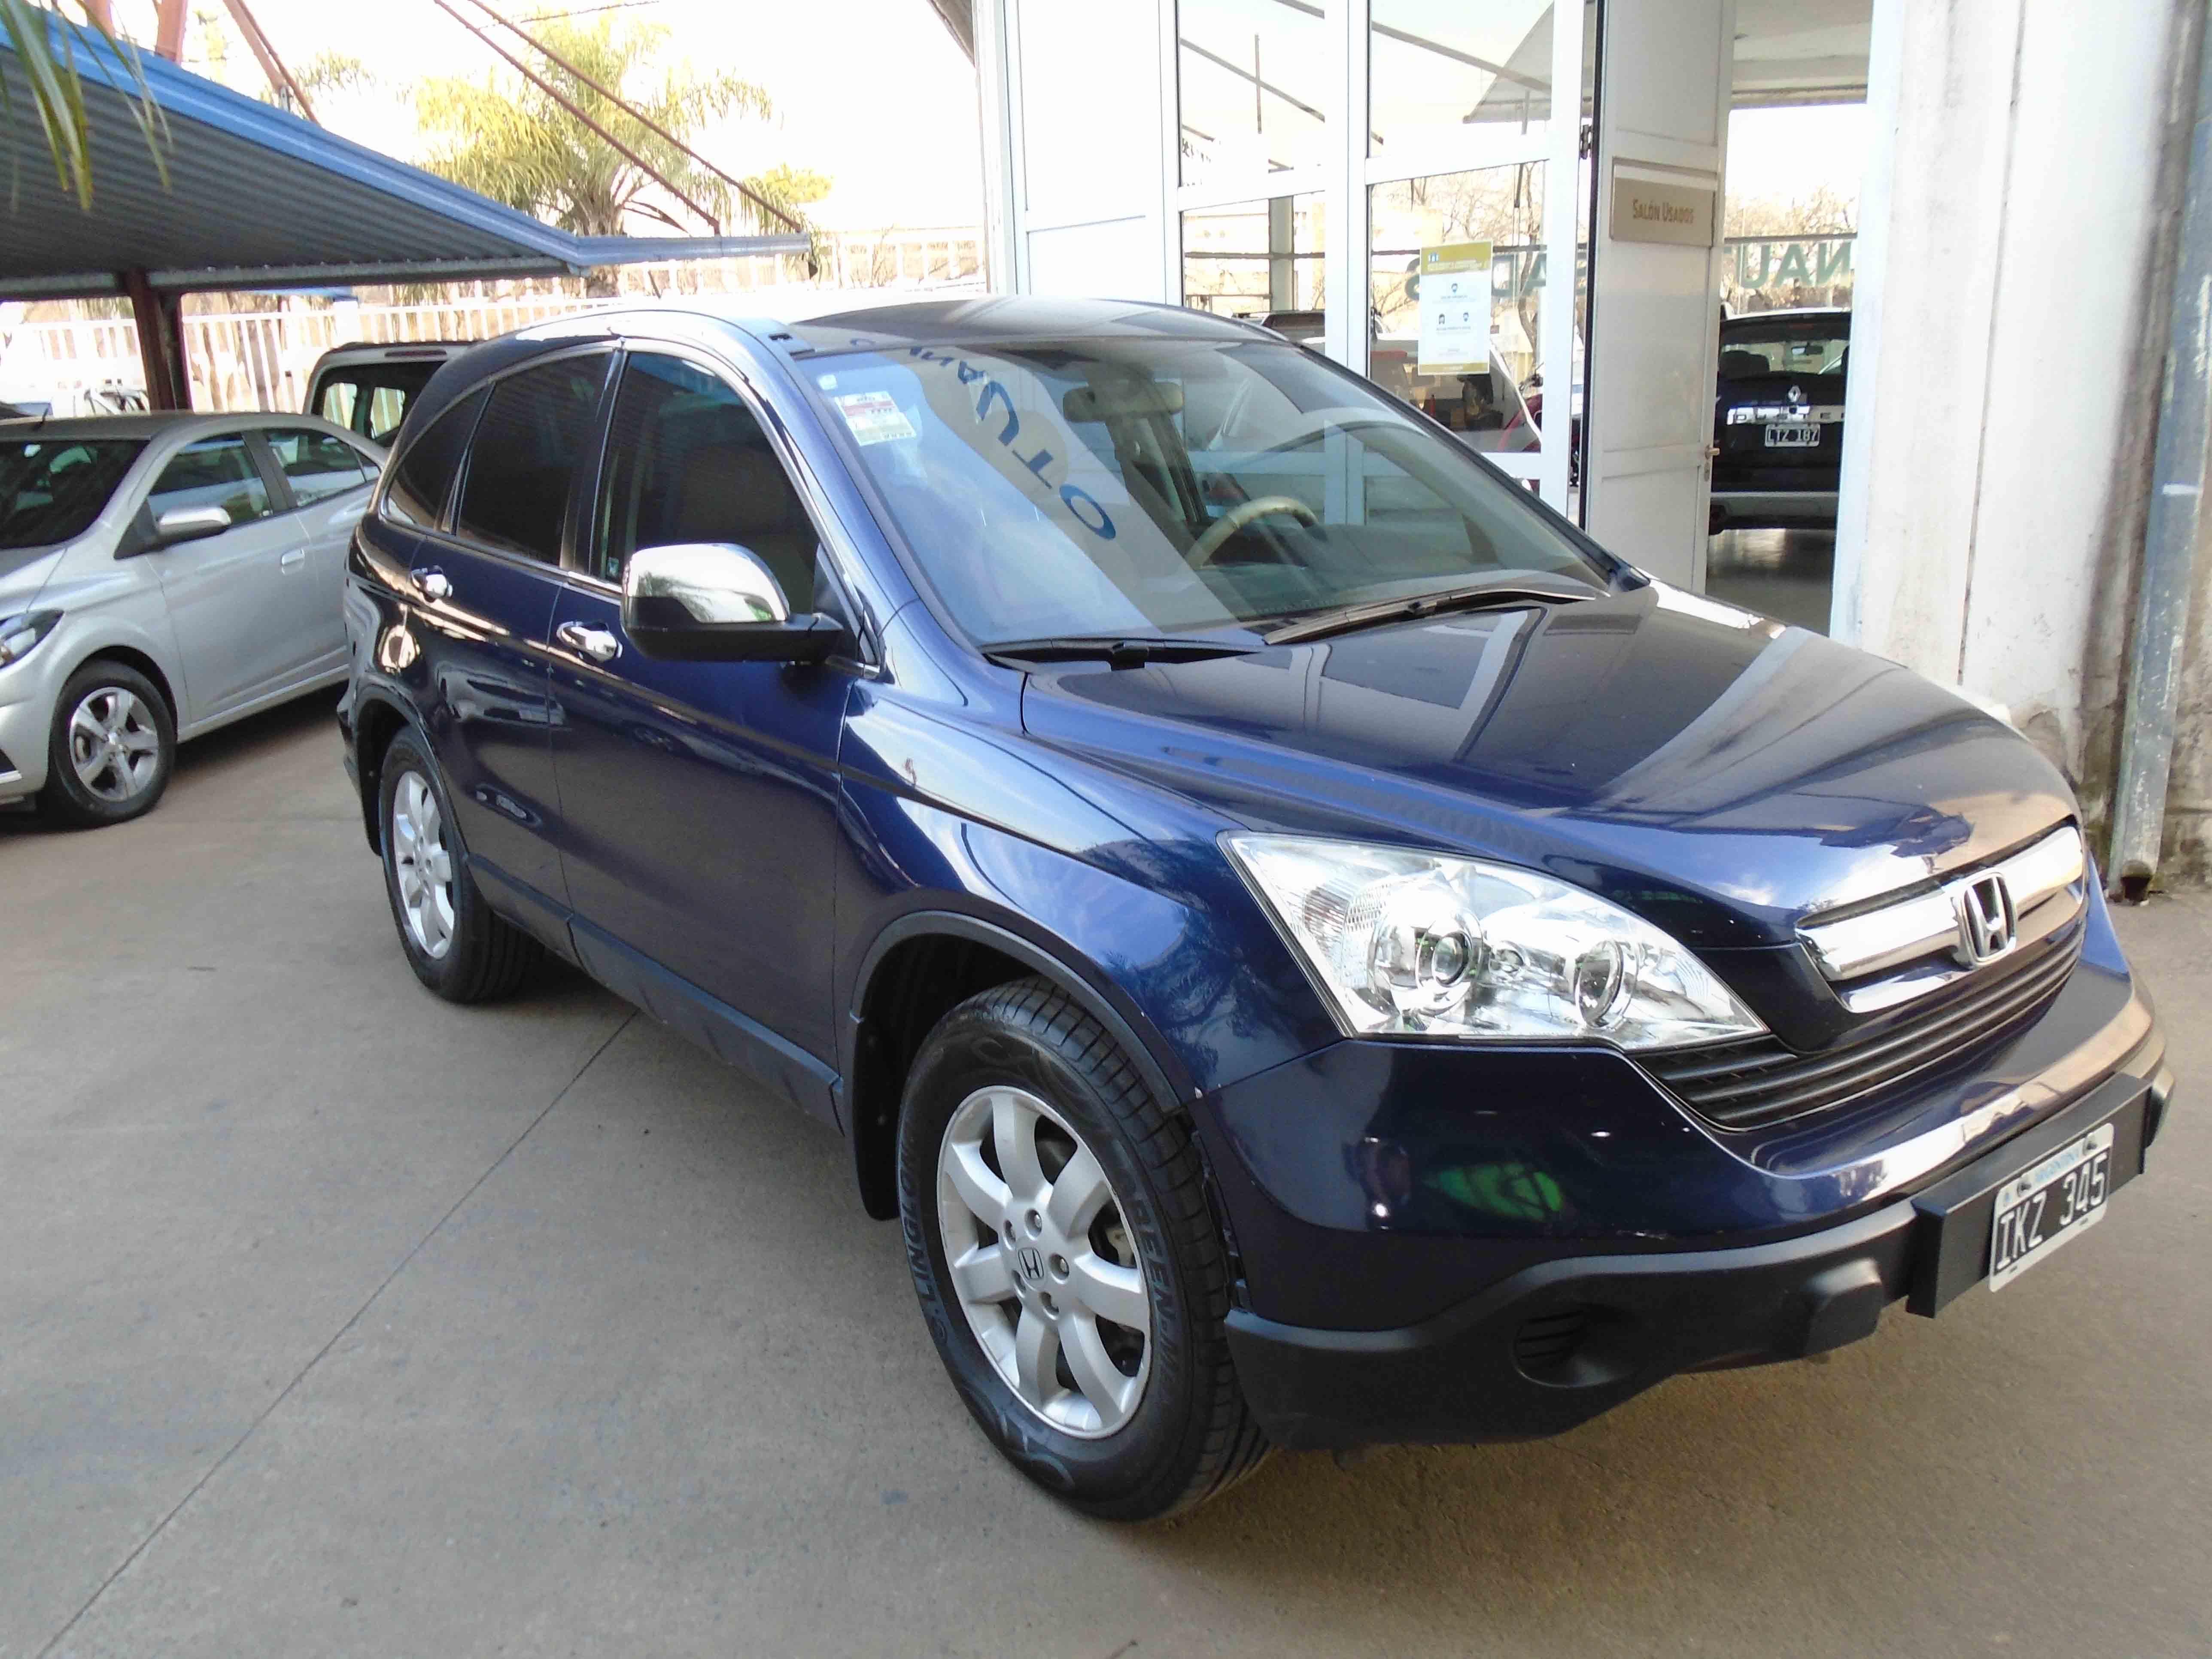 2009 HONDA CRV LX 2